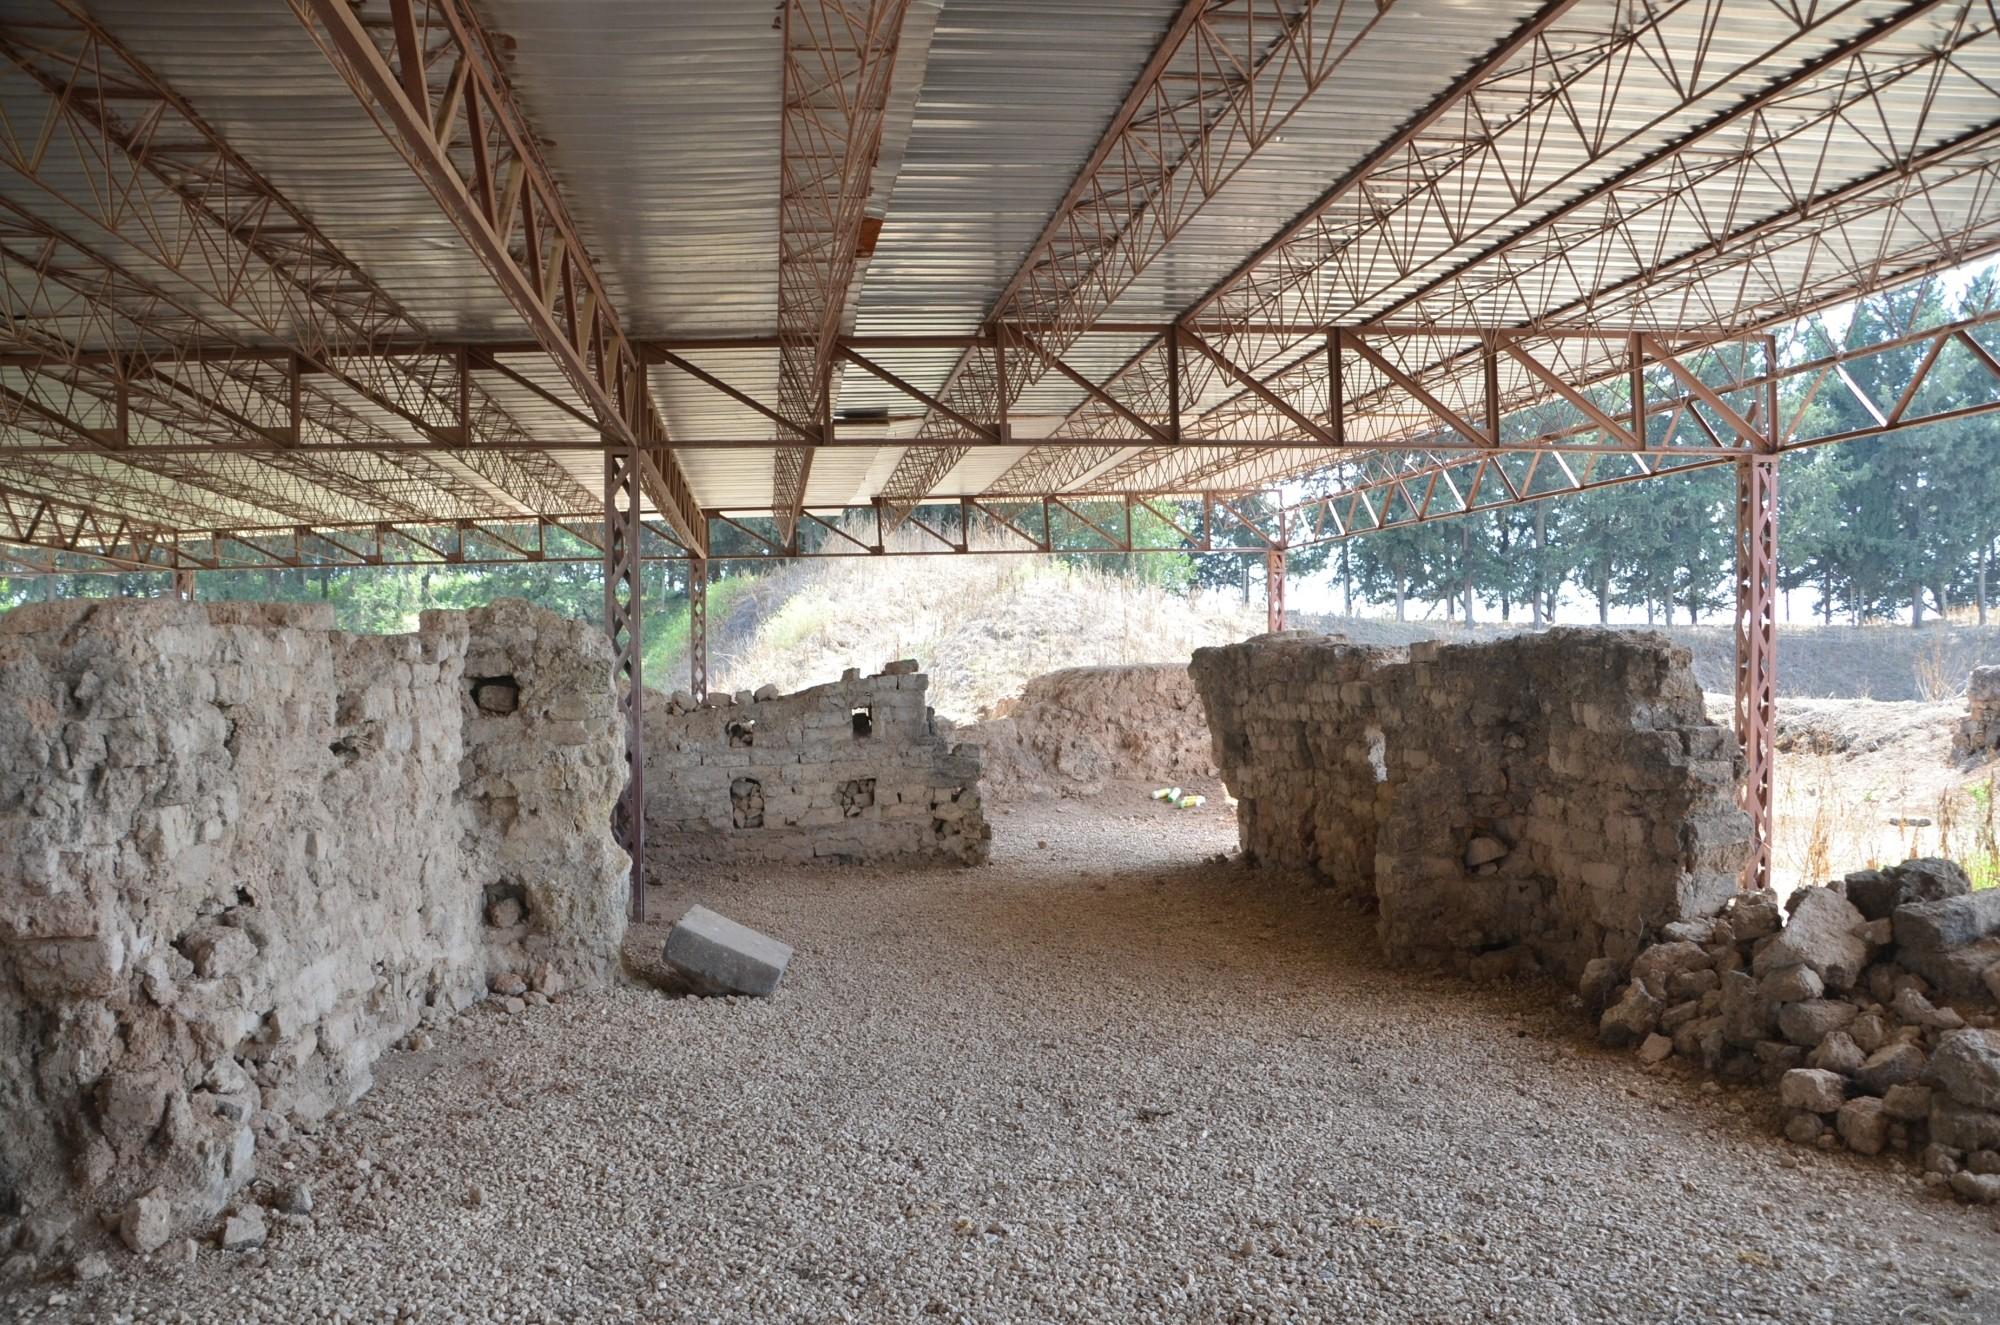 Pałac króla Yarim-Lima w Alalakh - to na jego terenie znaleziono królewskie archiwum